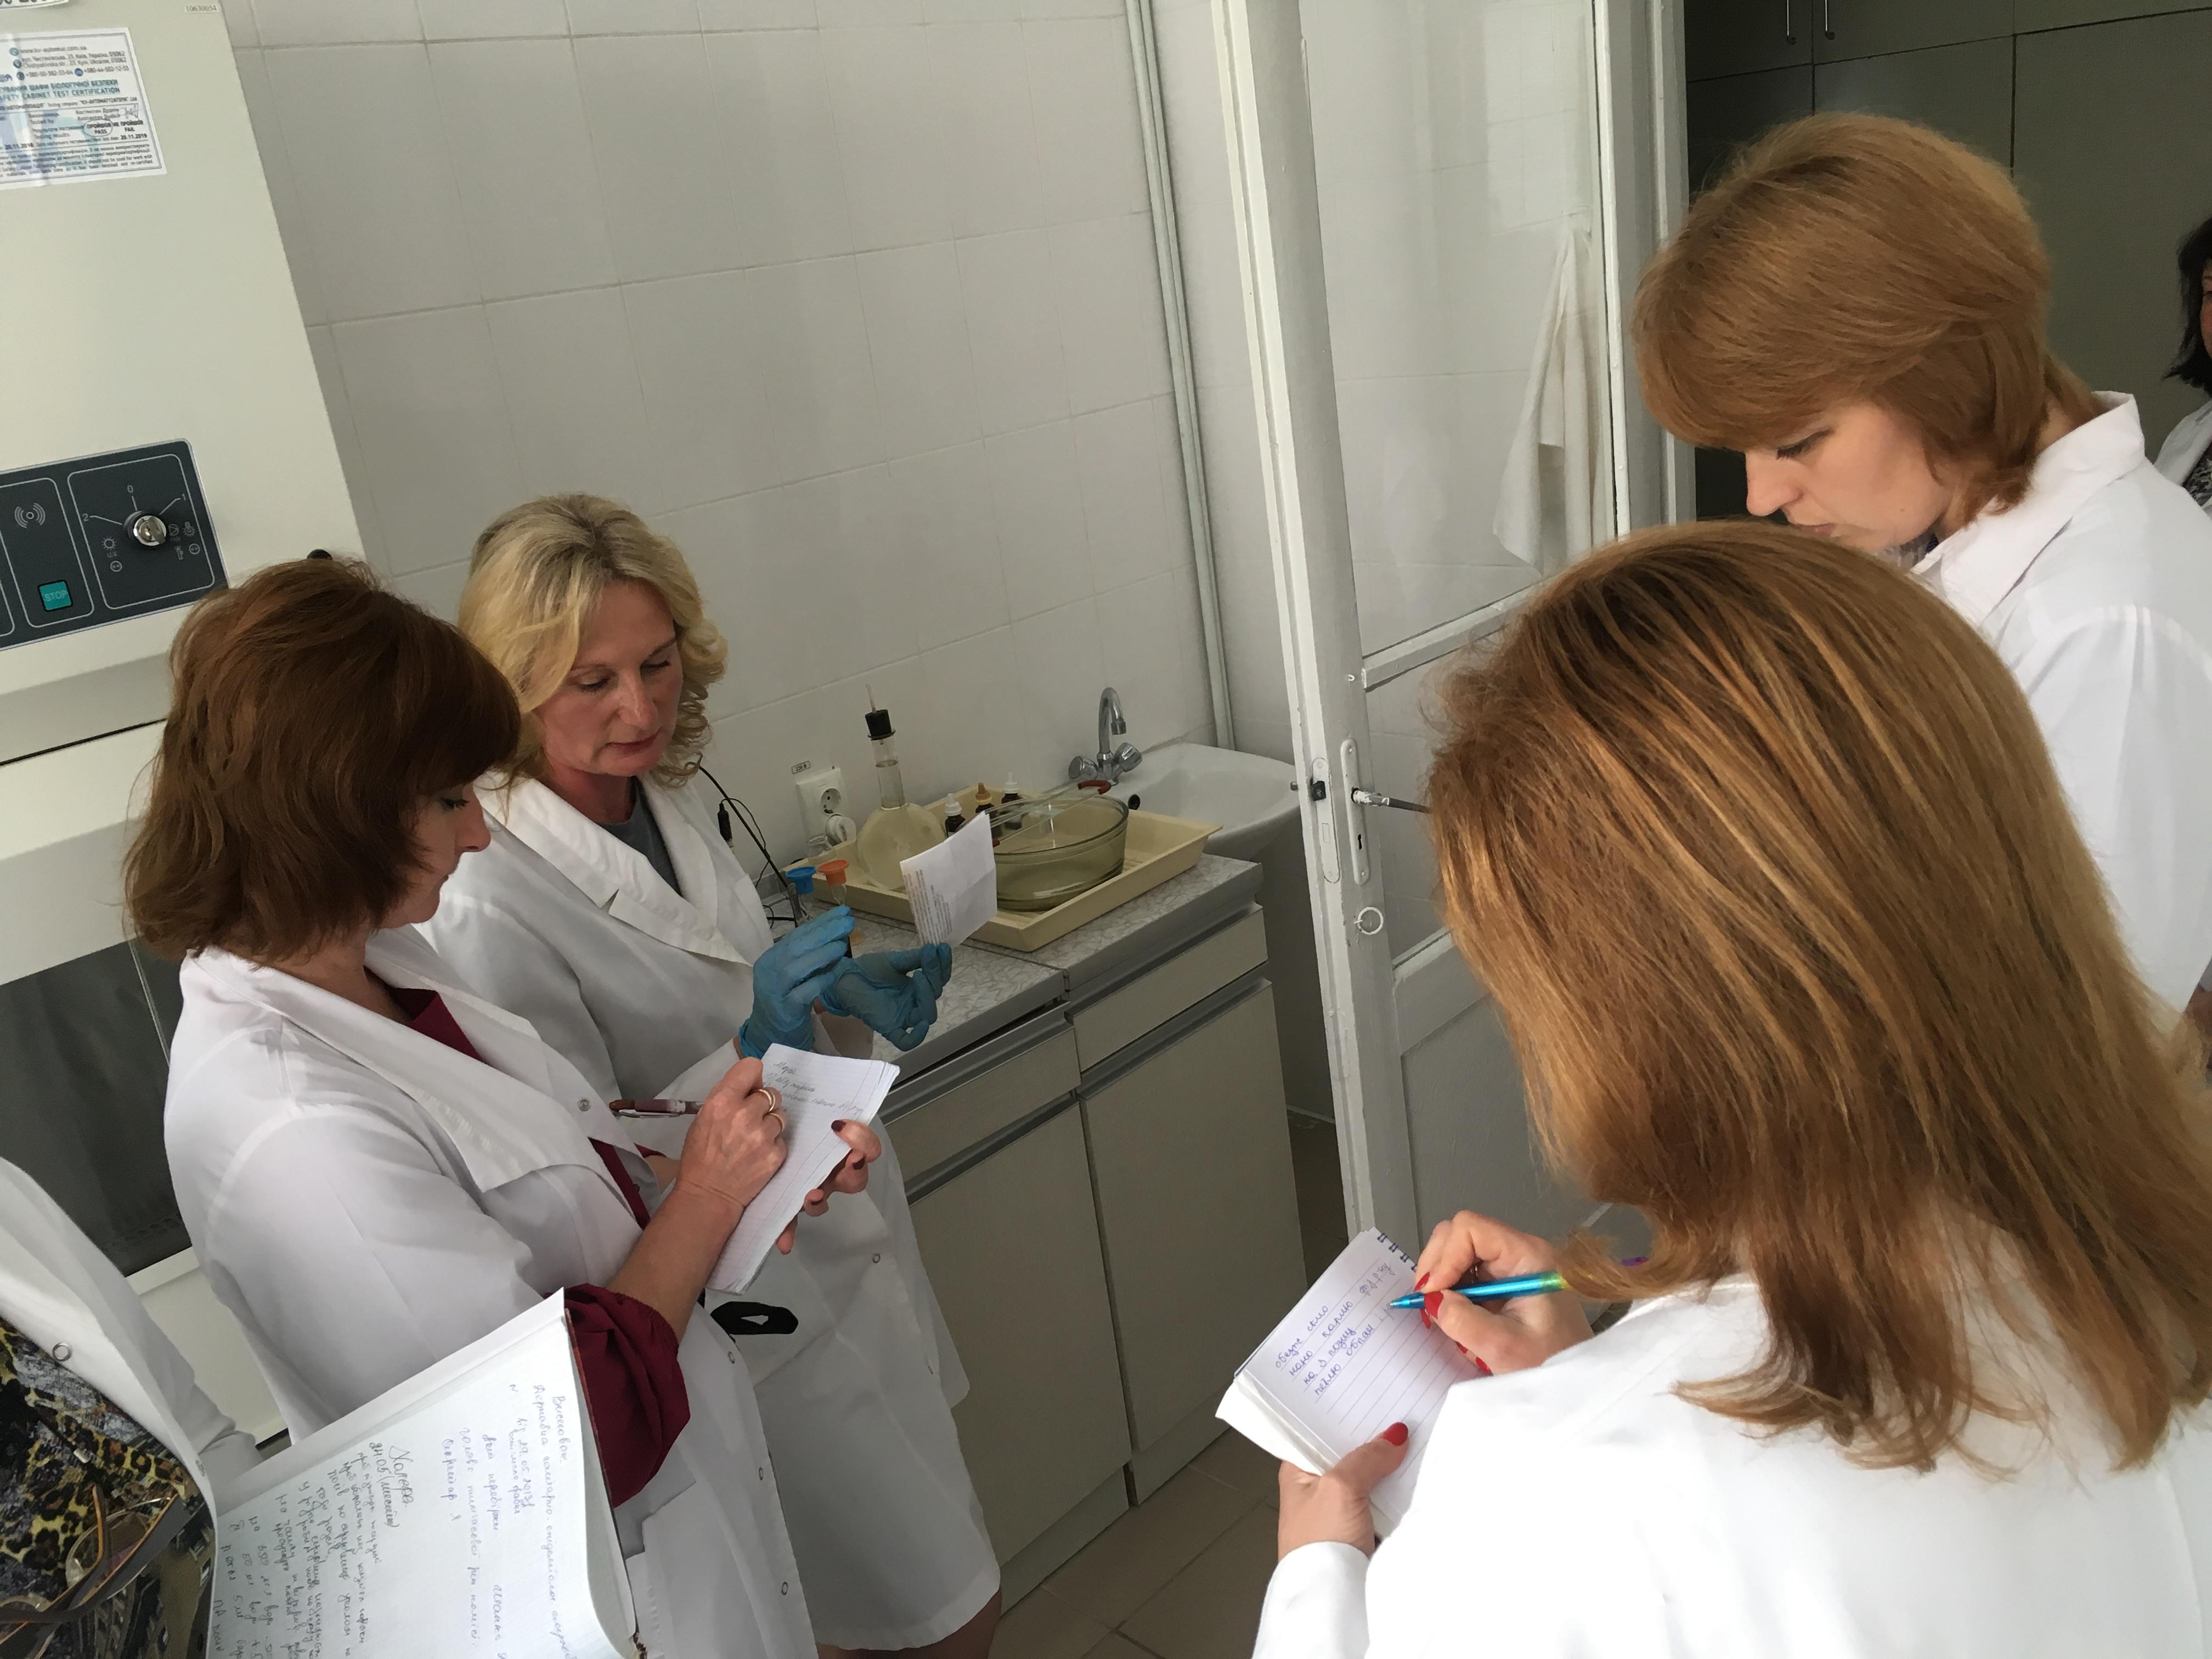 Проведено курсову підготовку лікарів-бактеріологів та фельдшерів-лаборантів мікробіологічних лабораторій по лабораторній діагностиці холери